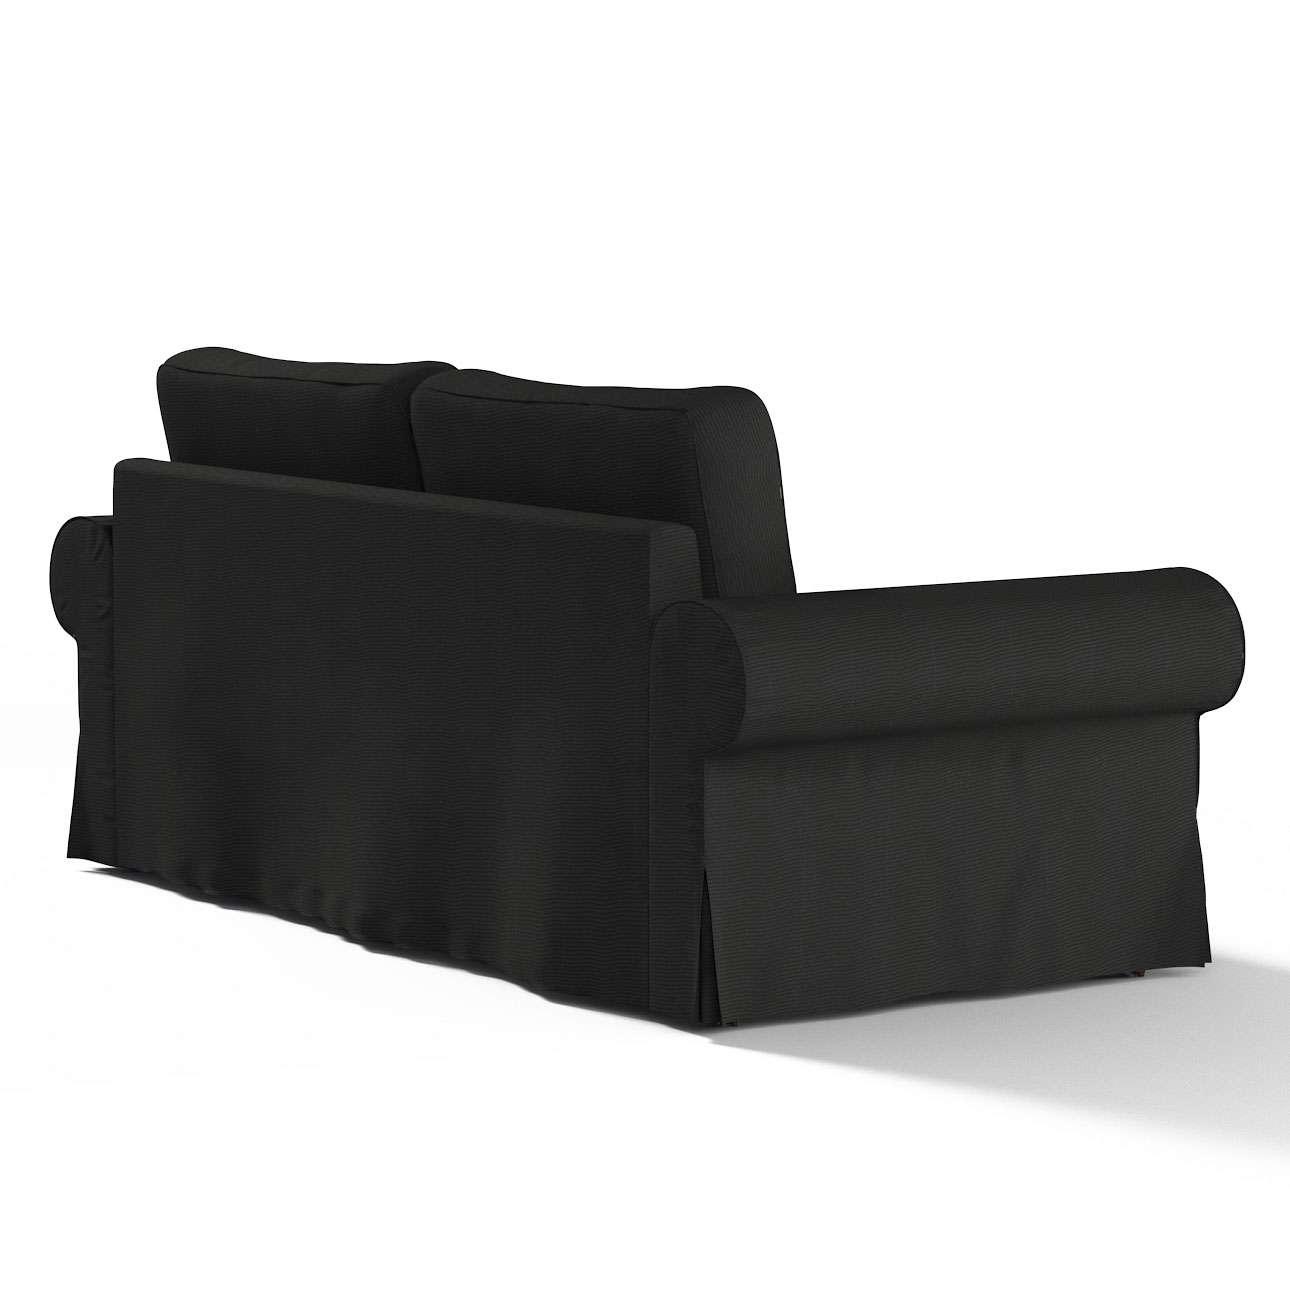 Pokrowiec na sofę Backabro 3-osobową rozkładaną sofa Backabro 3-osobowa rozkładana w kolekcji Etna , tkanina: 705-00